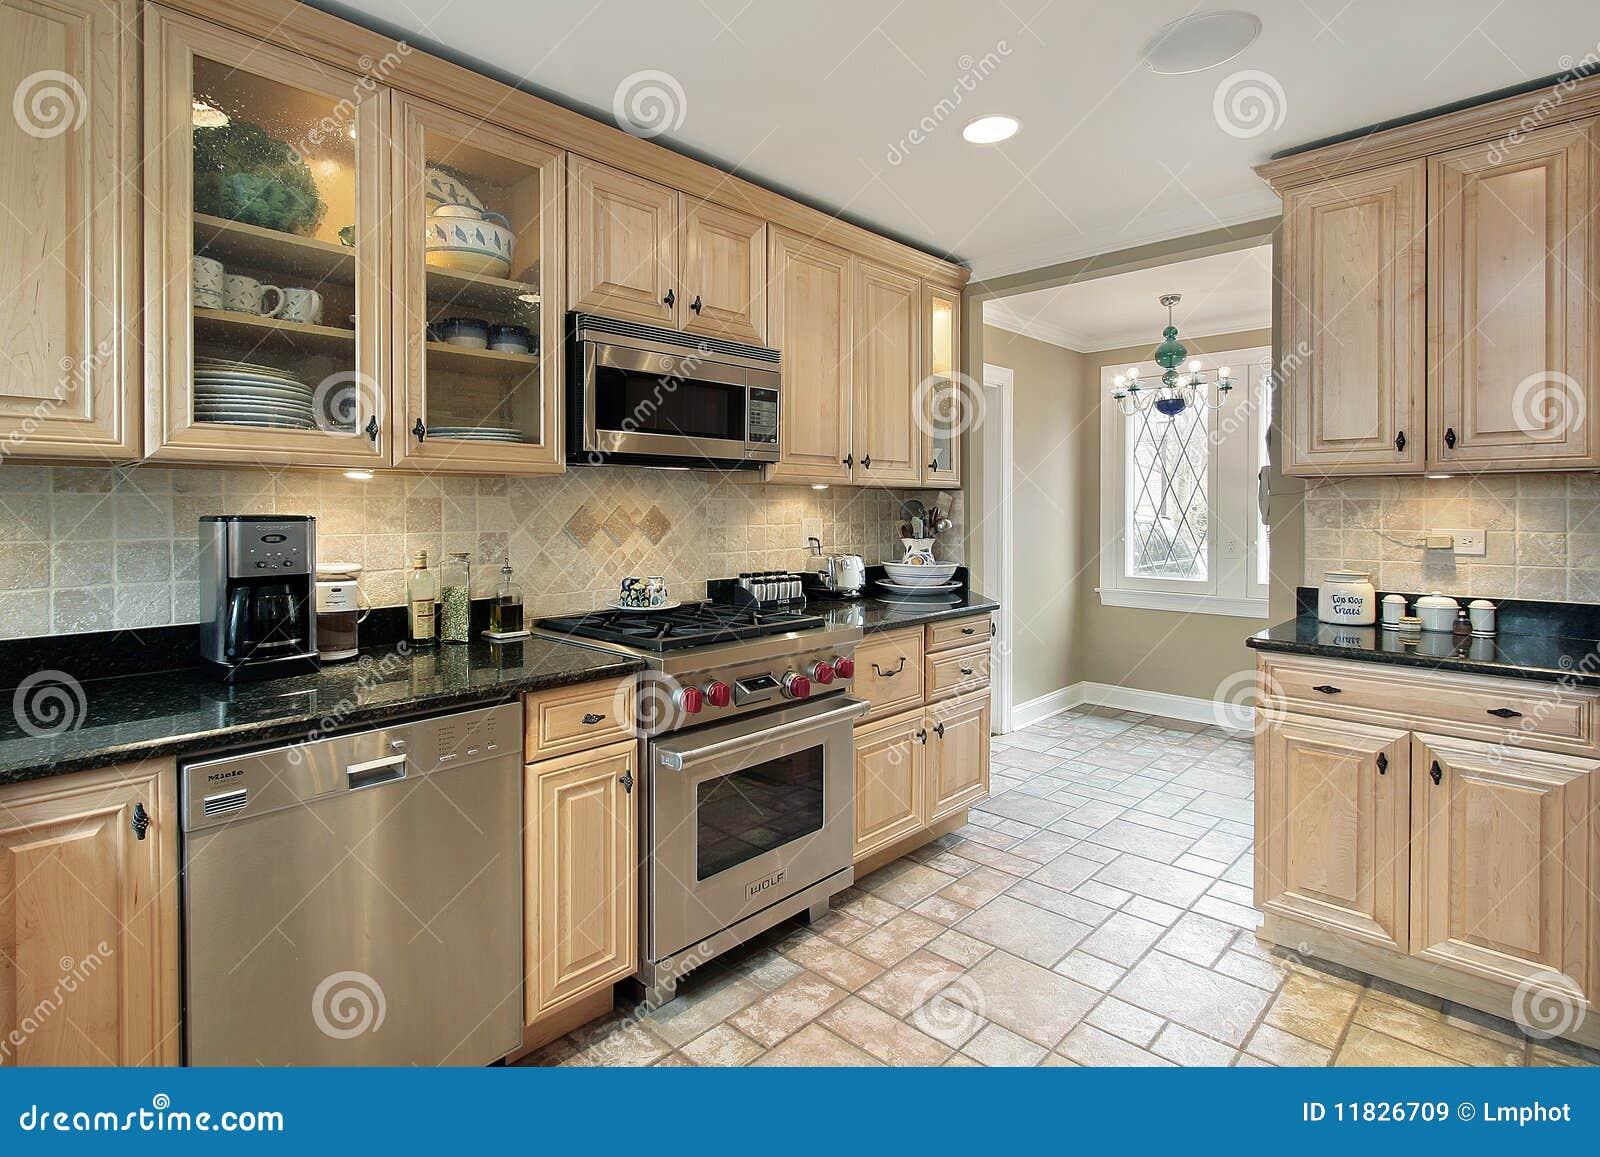 Keuken met eiken cabinetry royalty vrije stock afbeeldingen afbeelding 11826709 - Keuken met teller ...